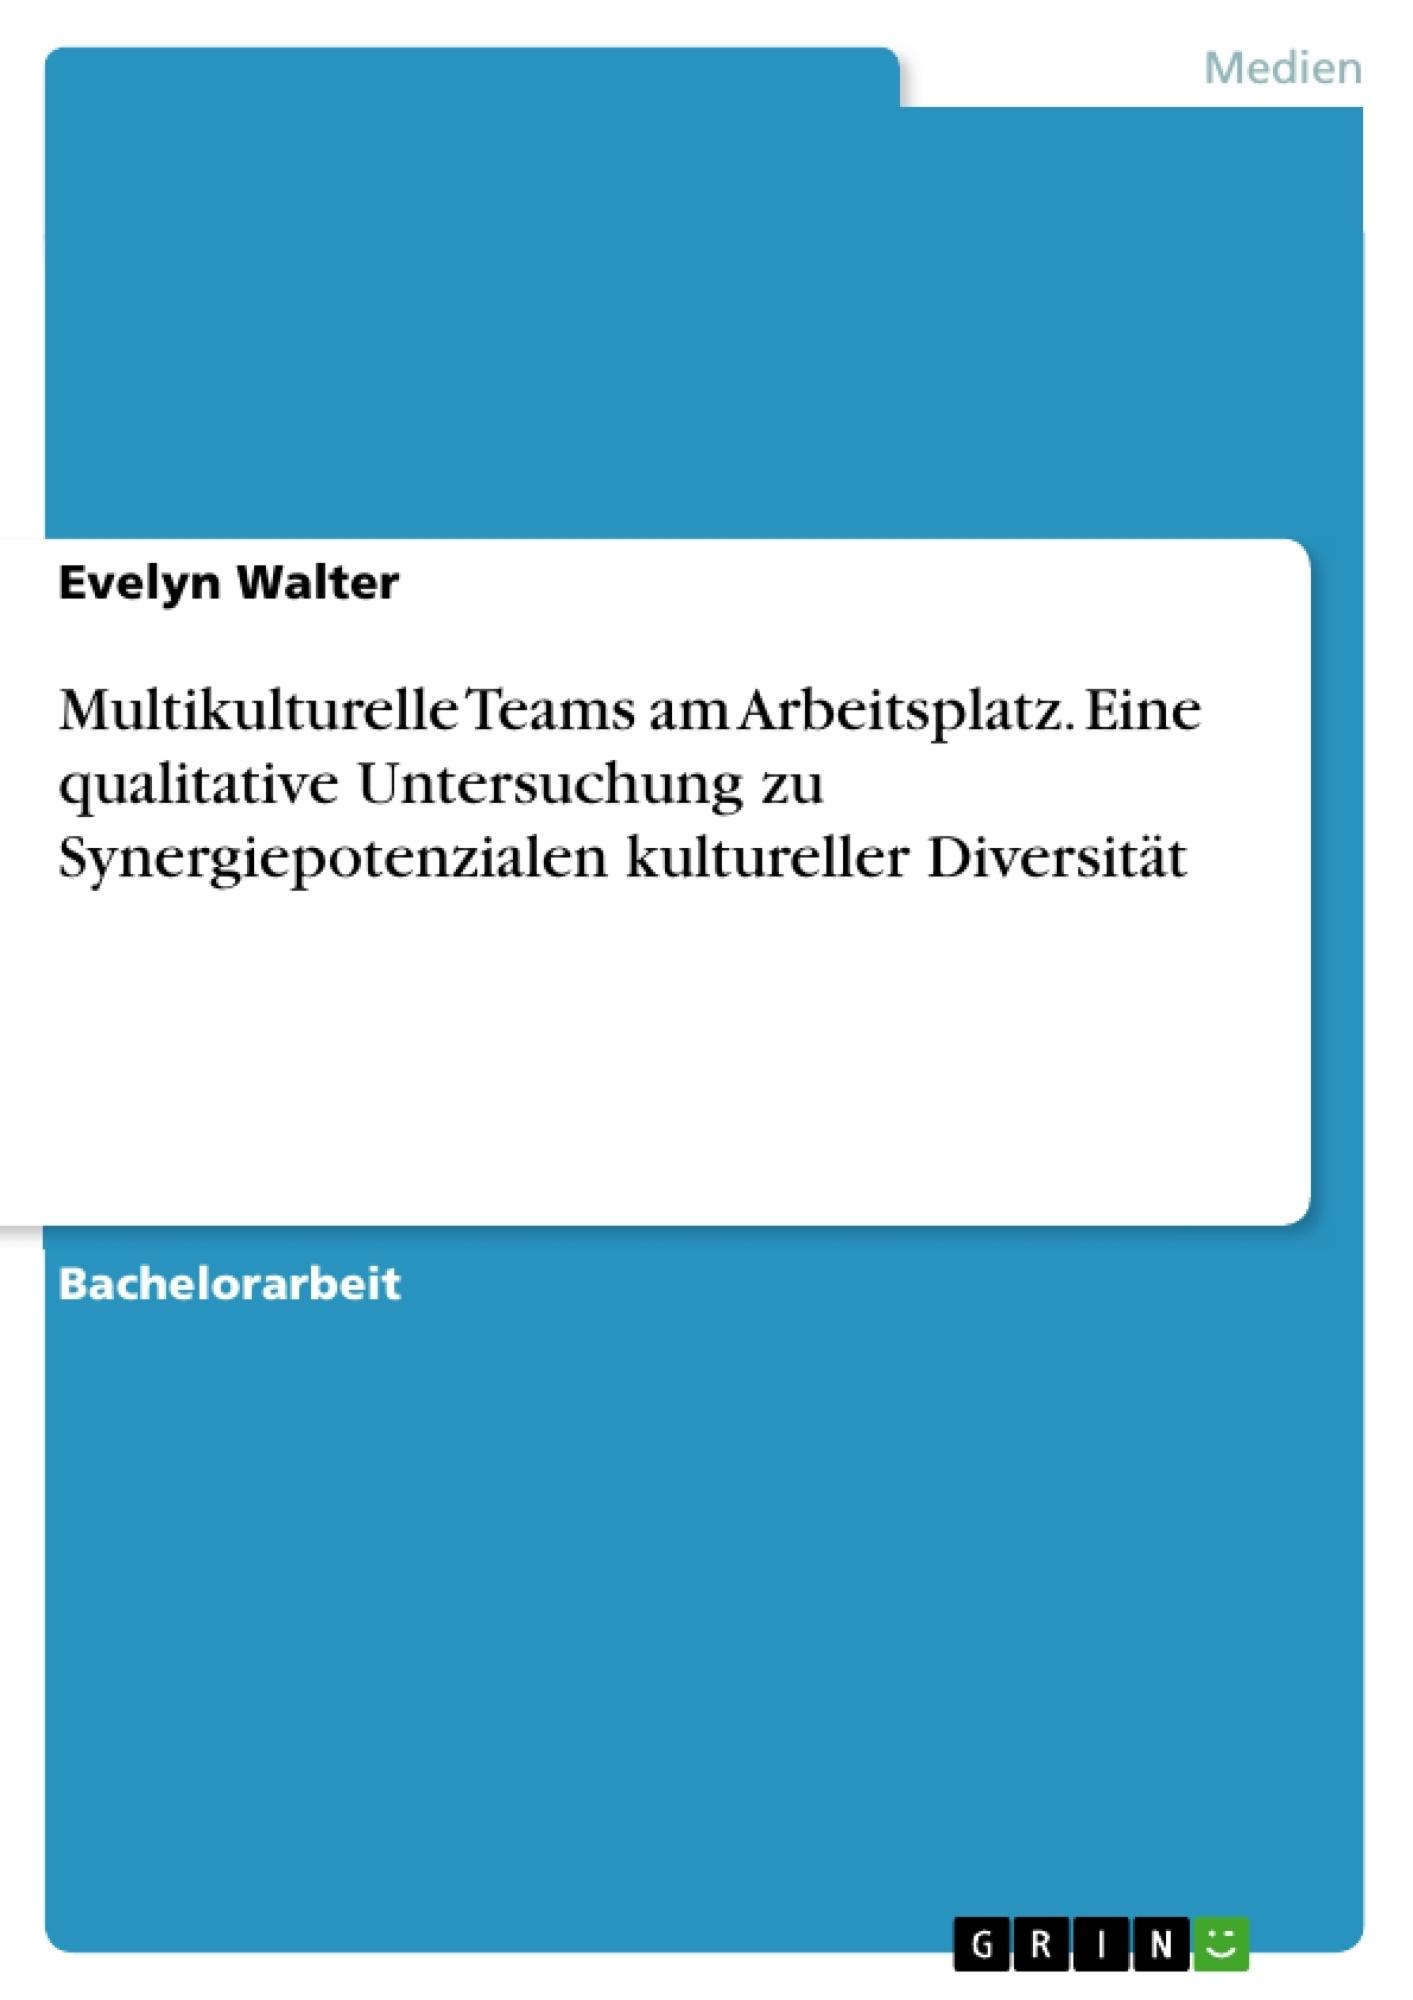 Titel: Multikulturelle Teams am Arbeitsplatz. Eine qualitative Untersuchung zu Synergiepotenzialen kultureller Diversität